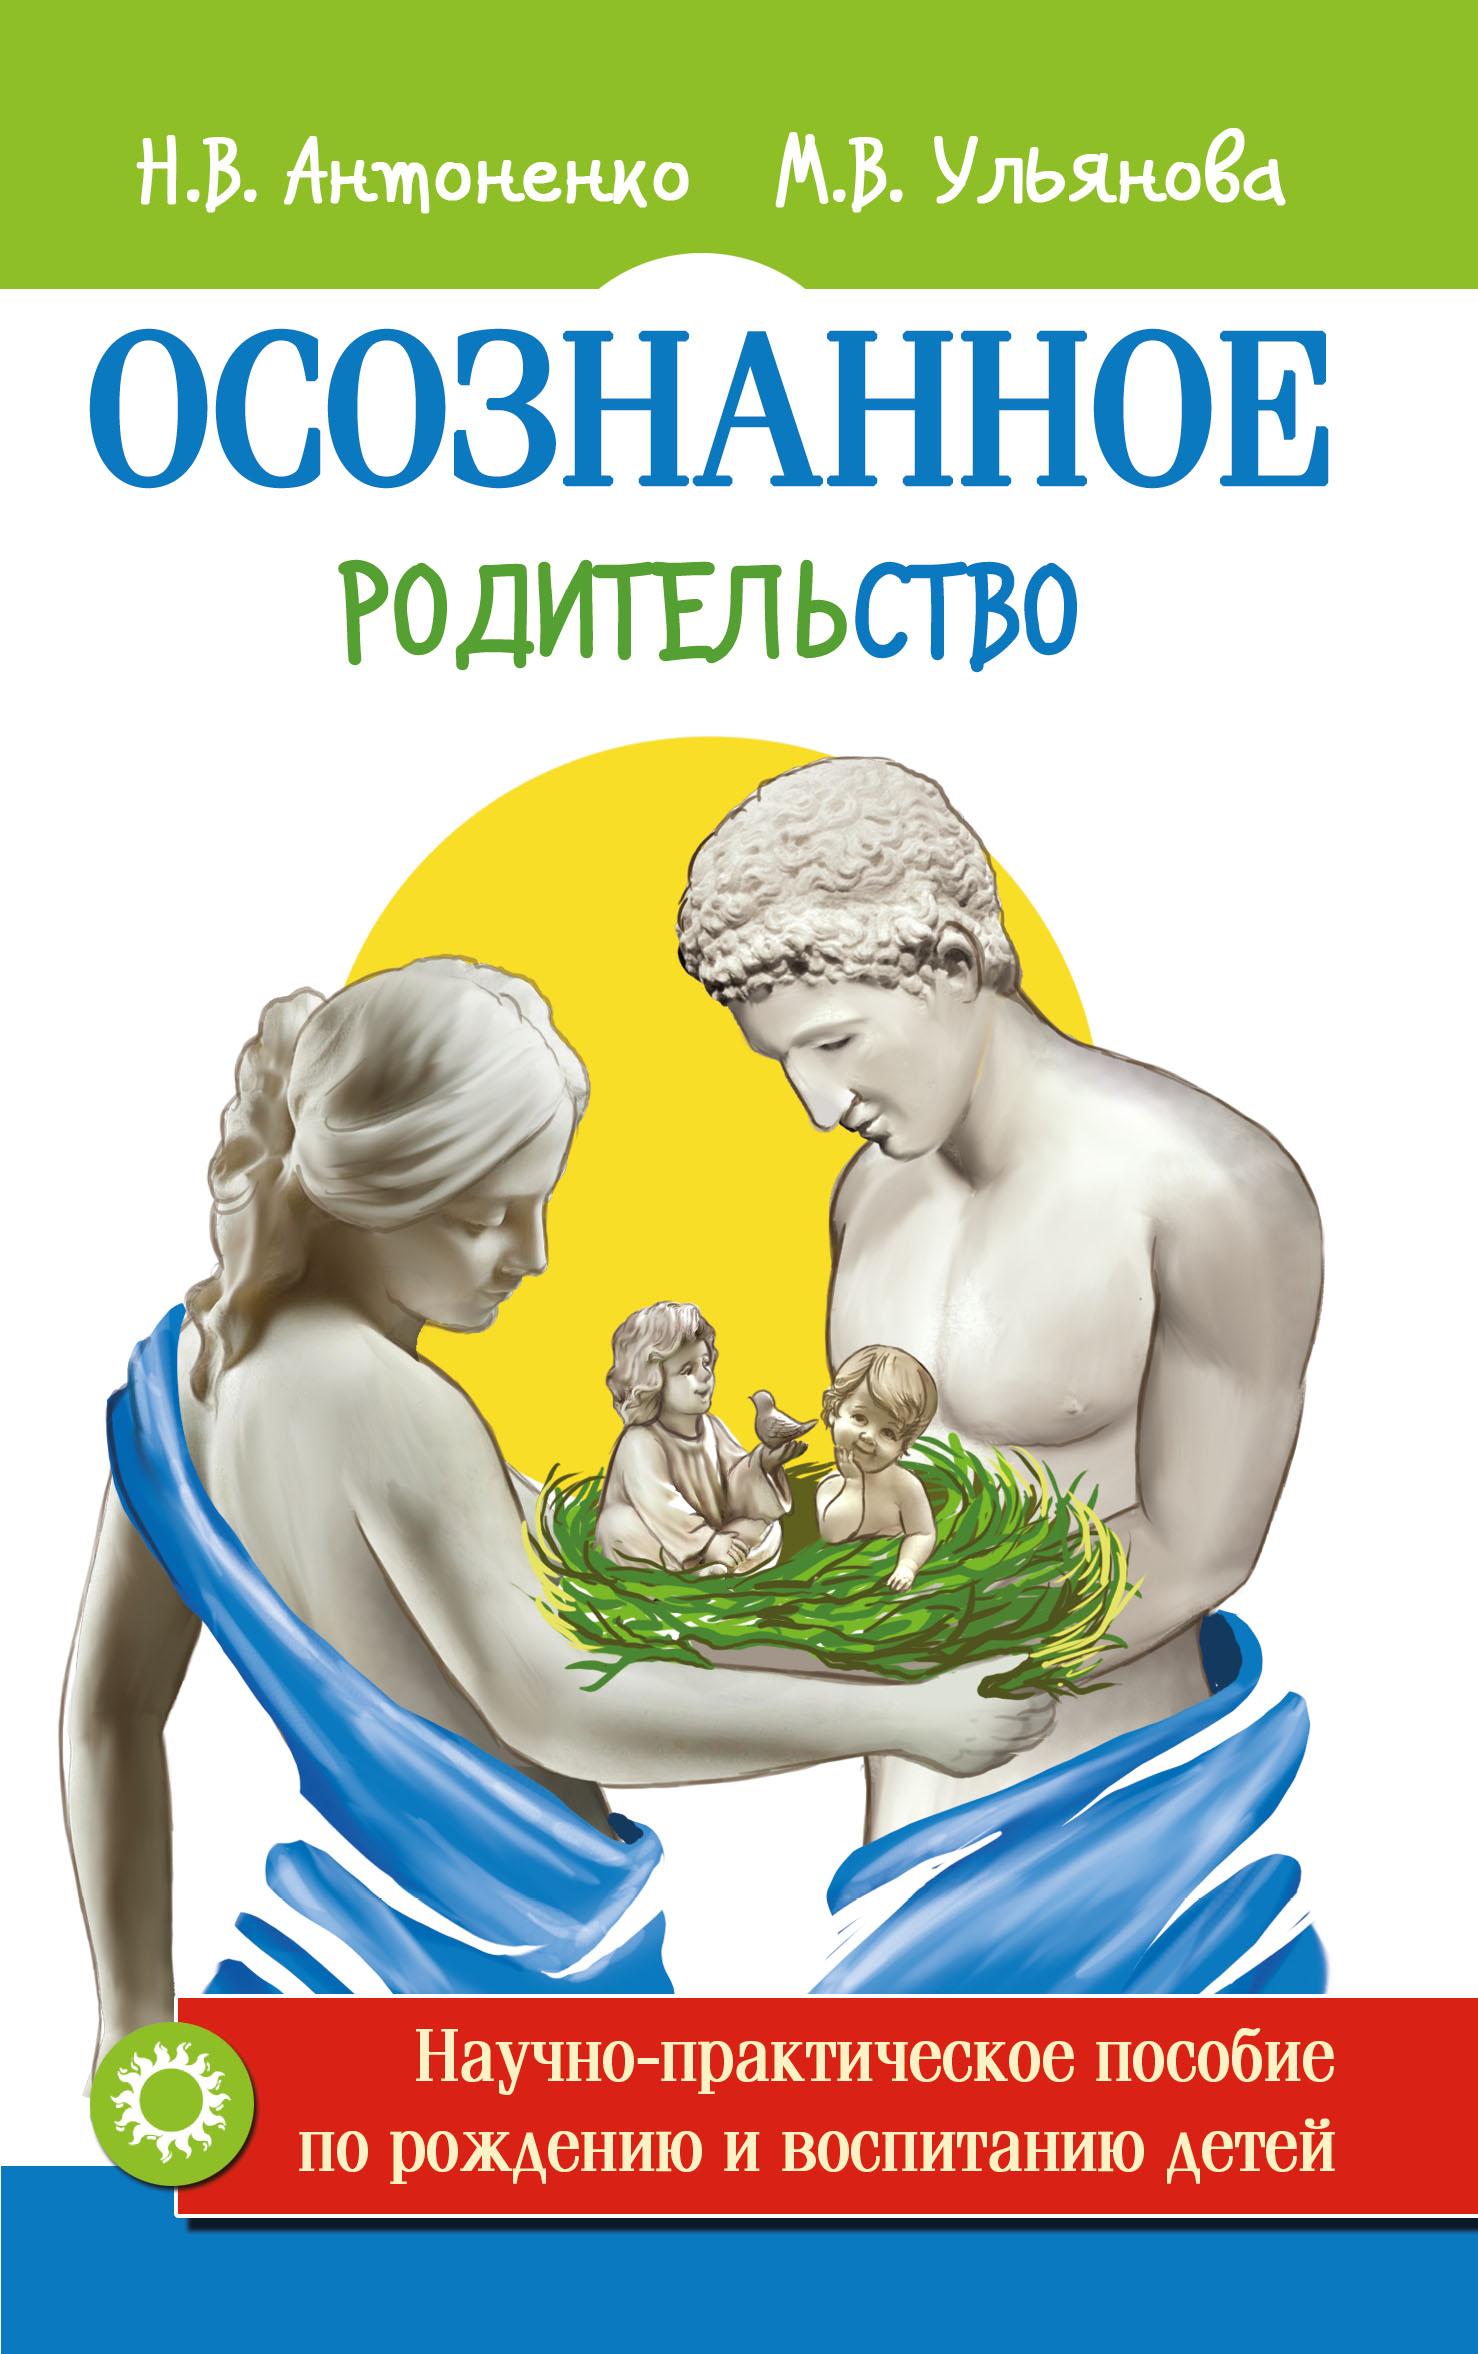 Осознанное родительство (new). Научно-практическое руководство по рождению и воспитанию детей